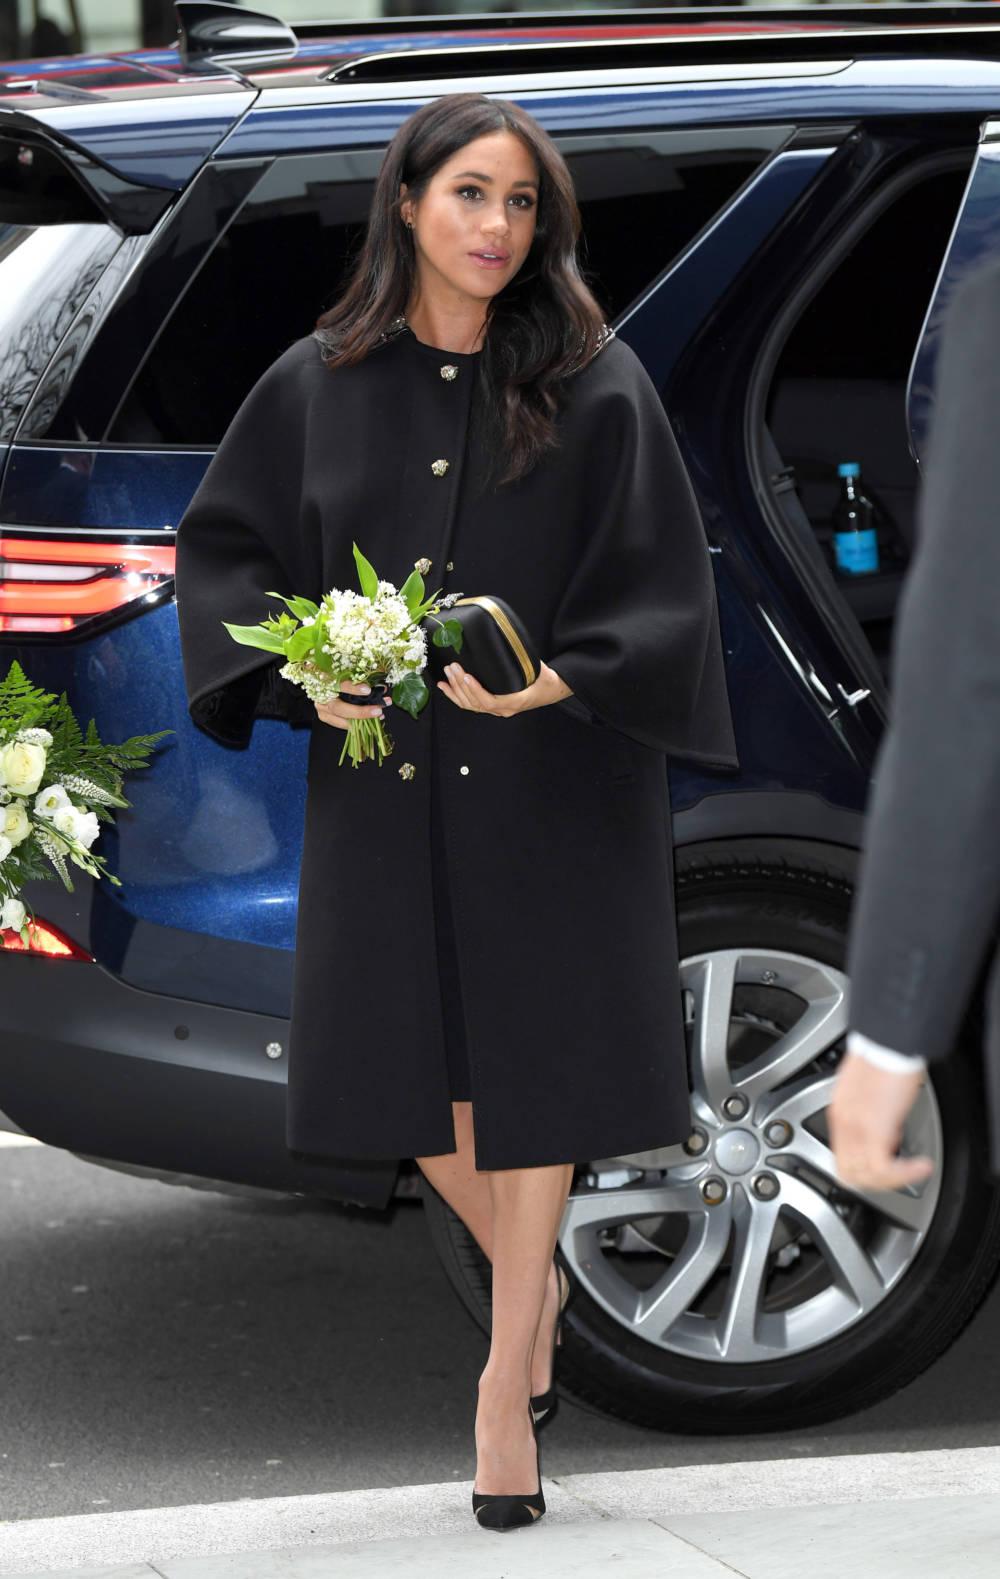 Herzogin Meghan mit Blumenstrauß